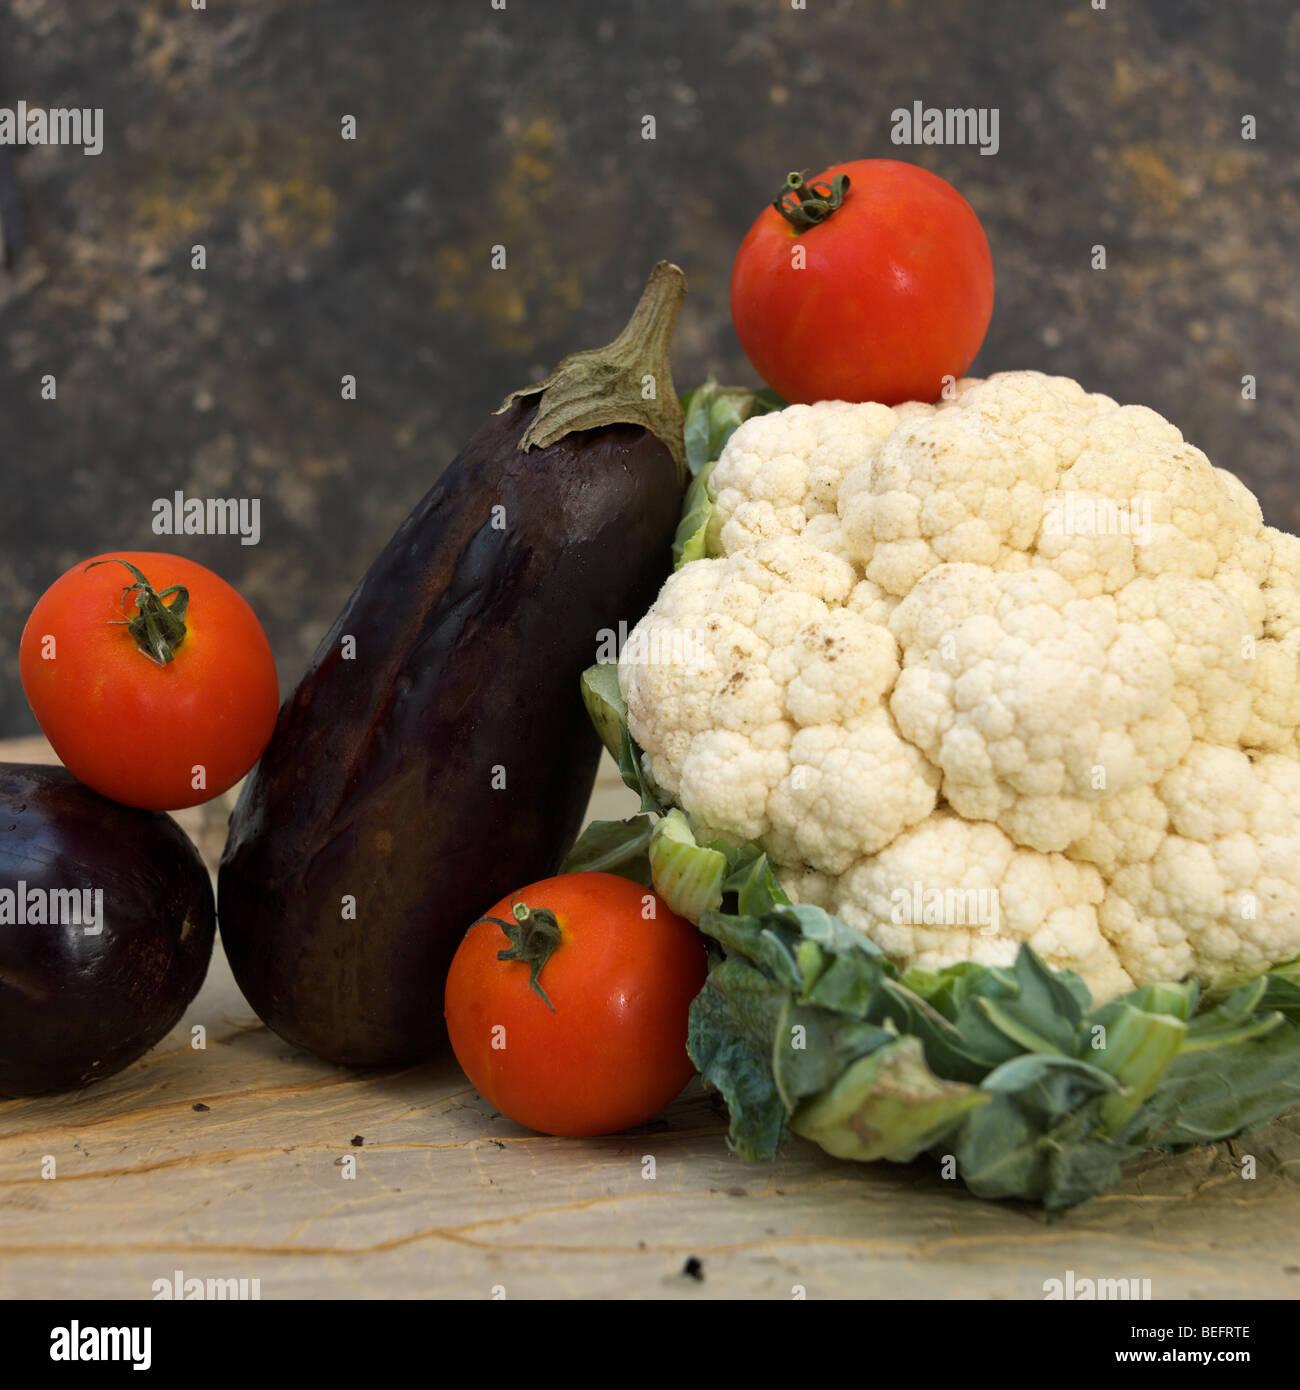 Still Life food légumes - chou-fleur aubergine et les tomates sur une planche à découper Photo Stock